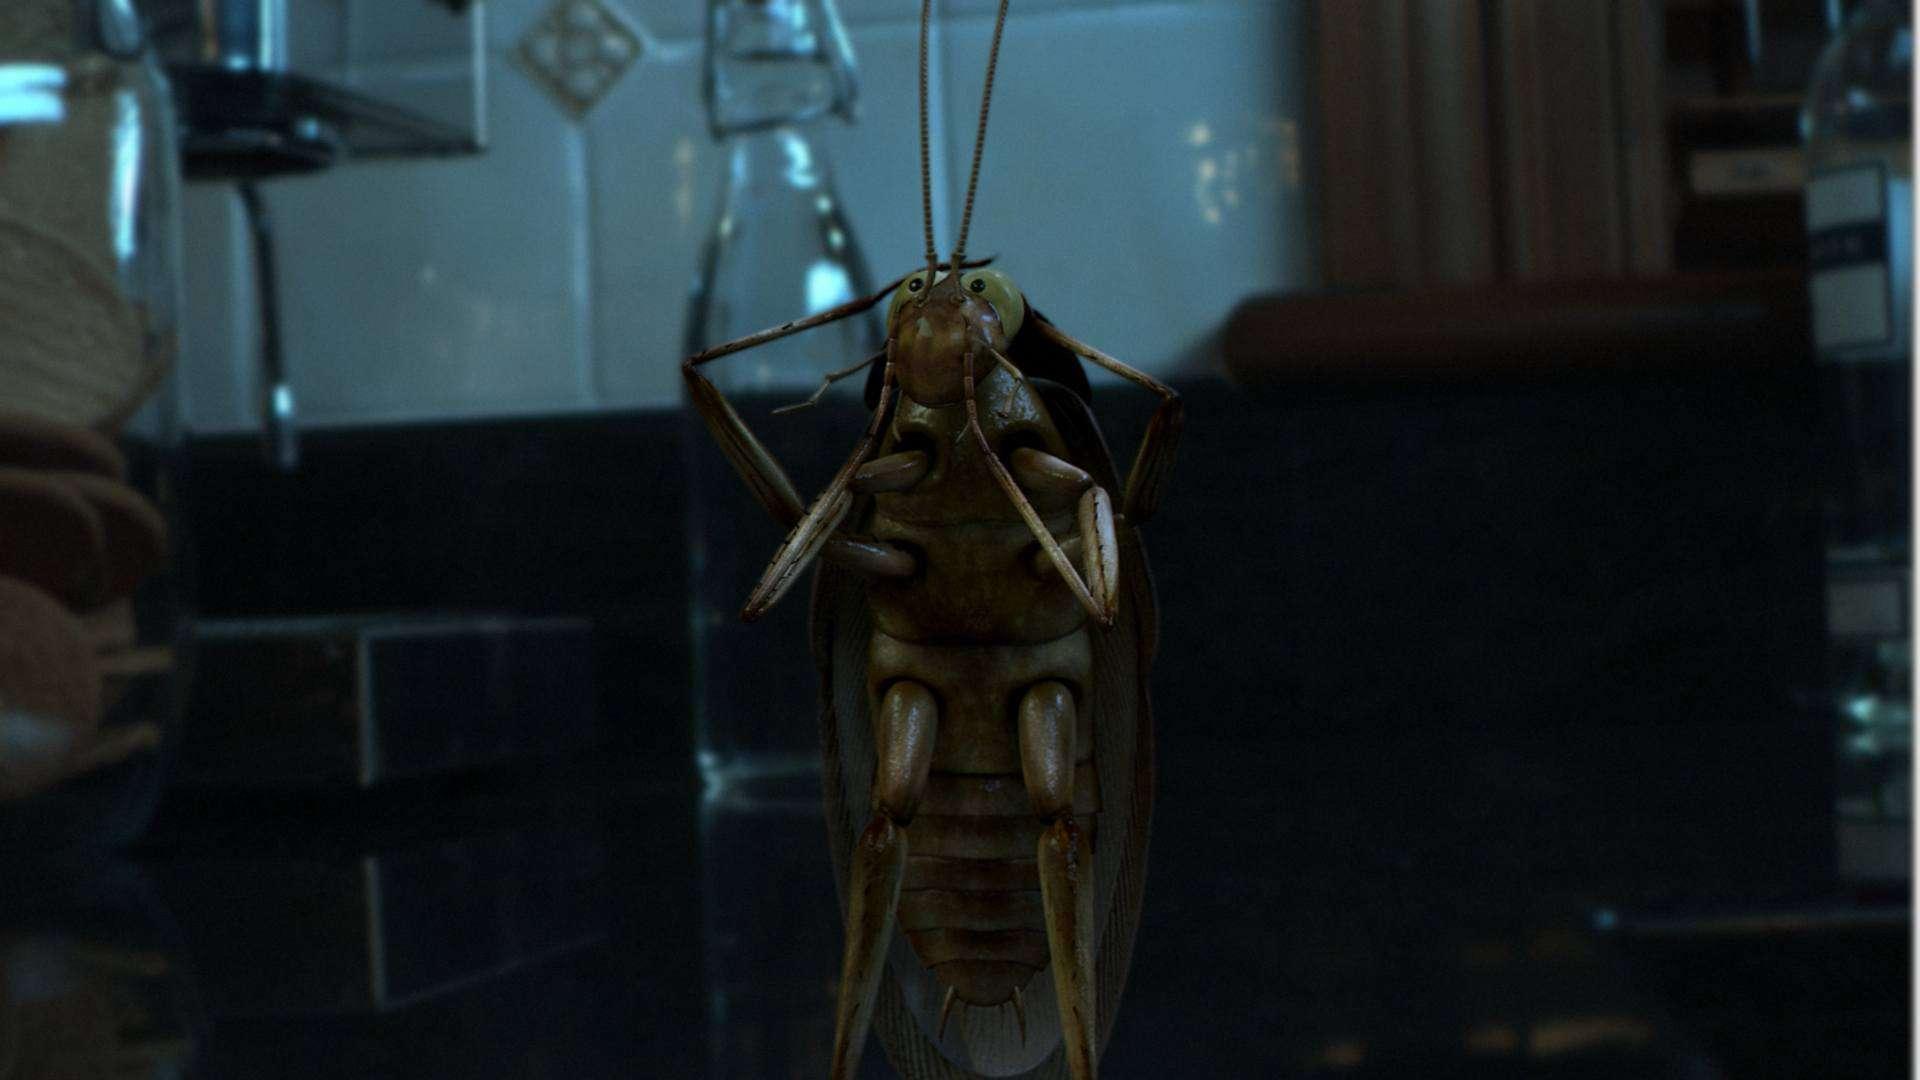 dangerous cockroaches